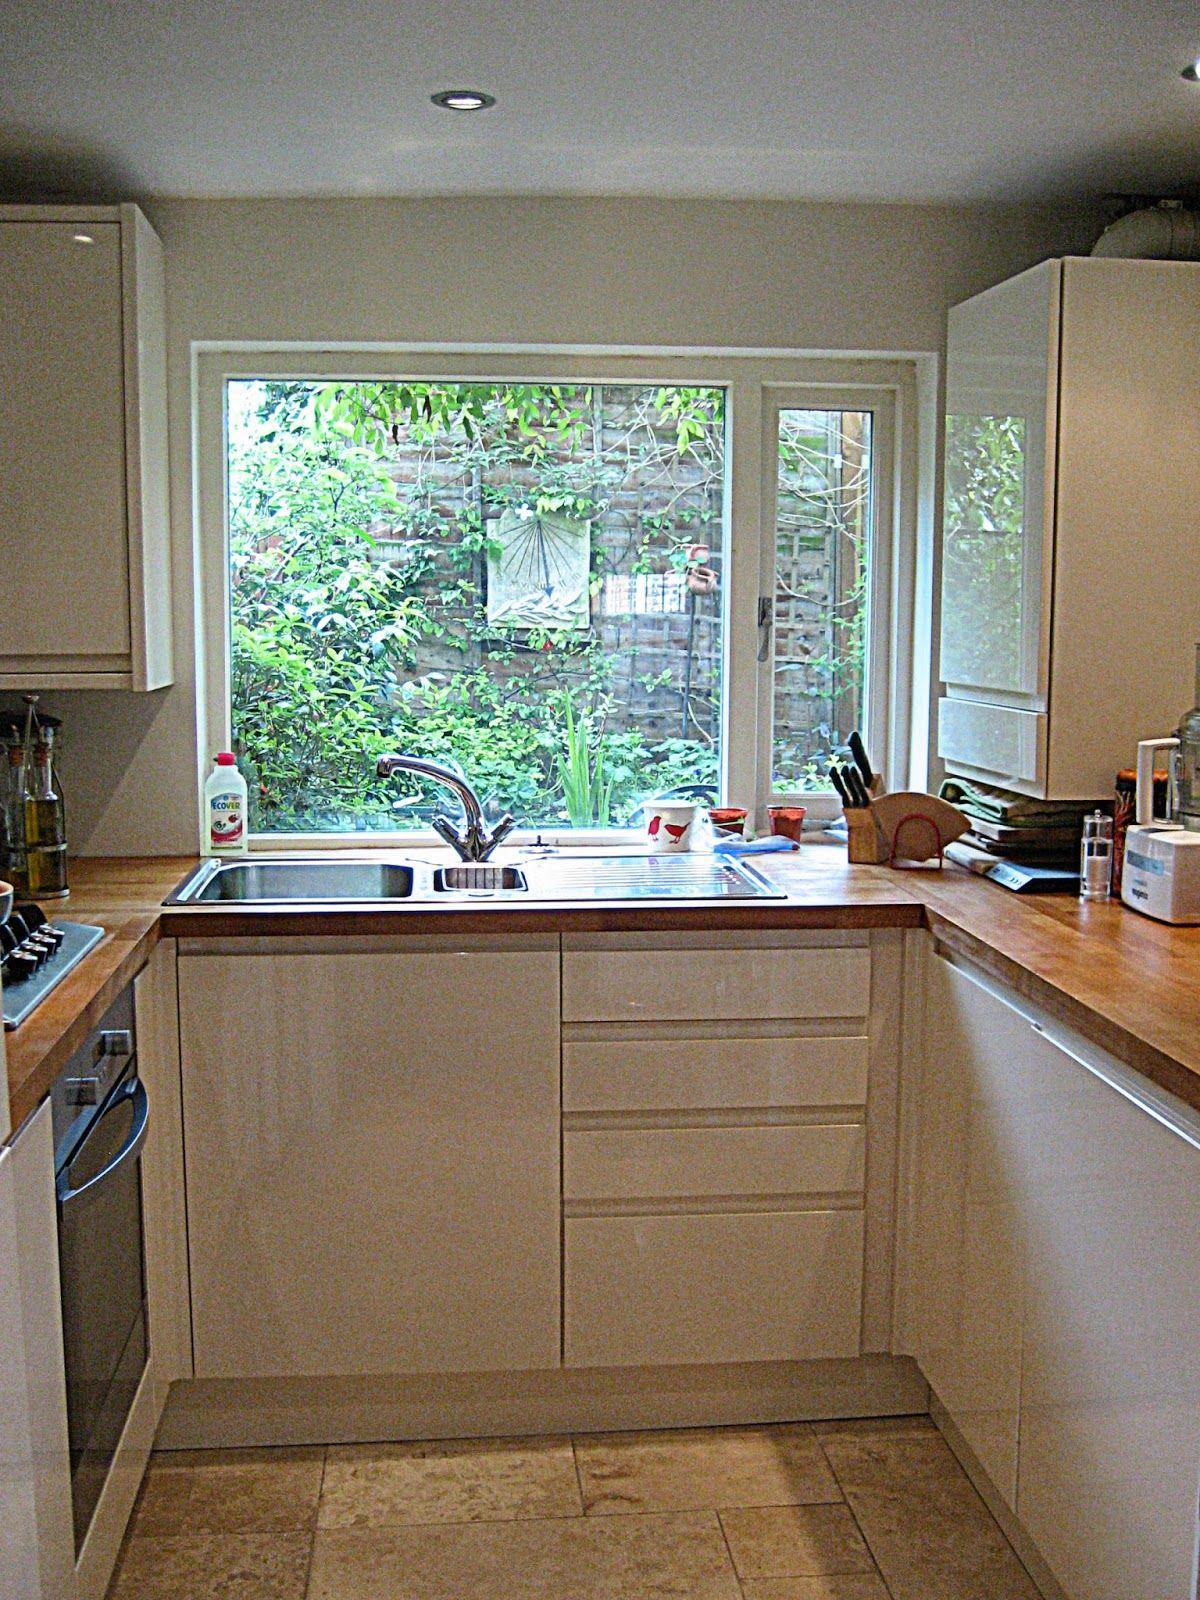 Aus ideen für die küche pin von lidija nedic auf küche in   pinterest  küchen ideen